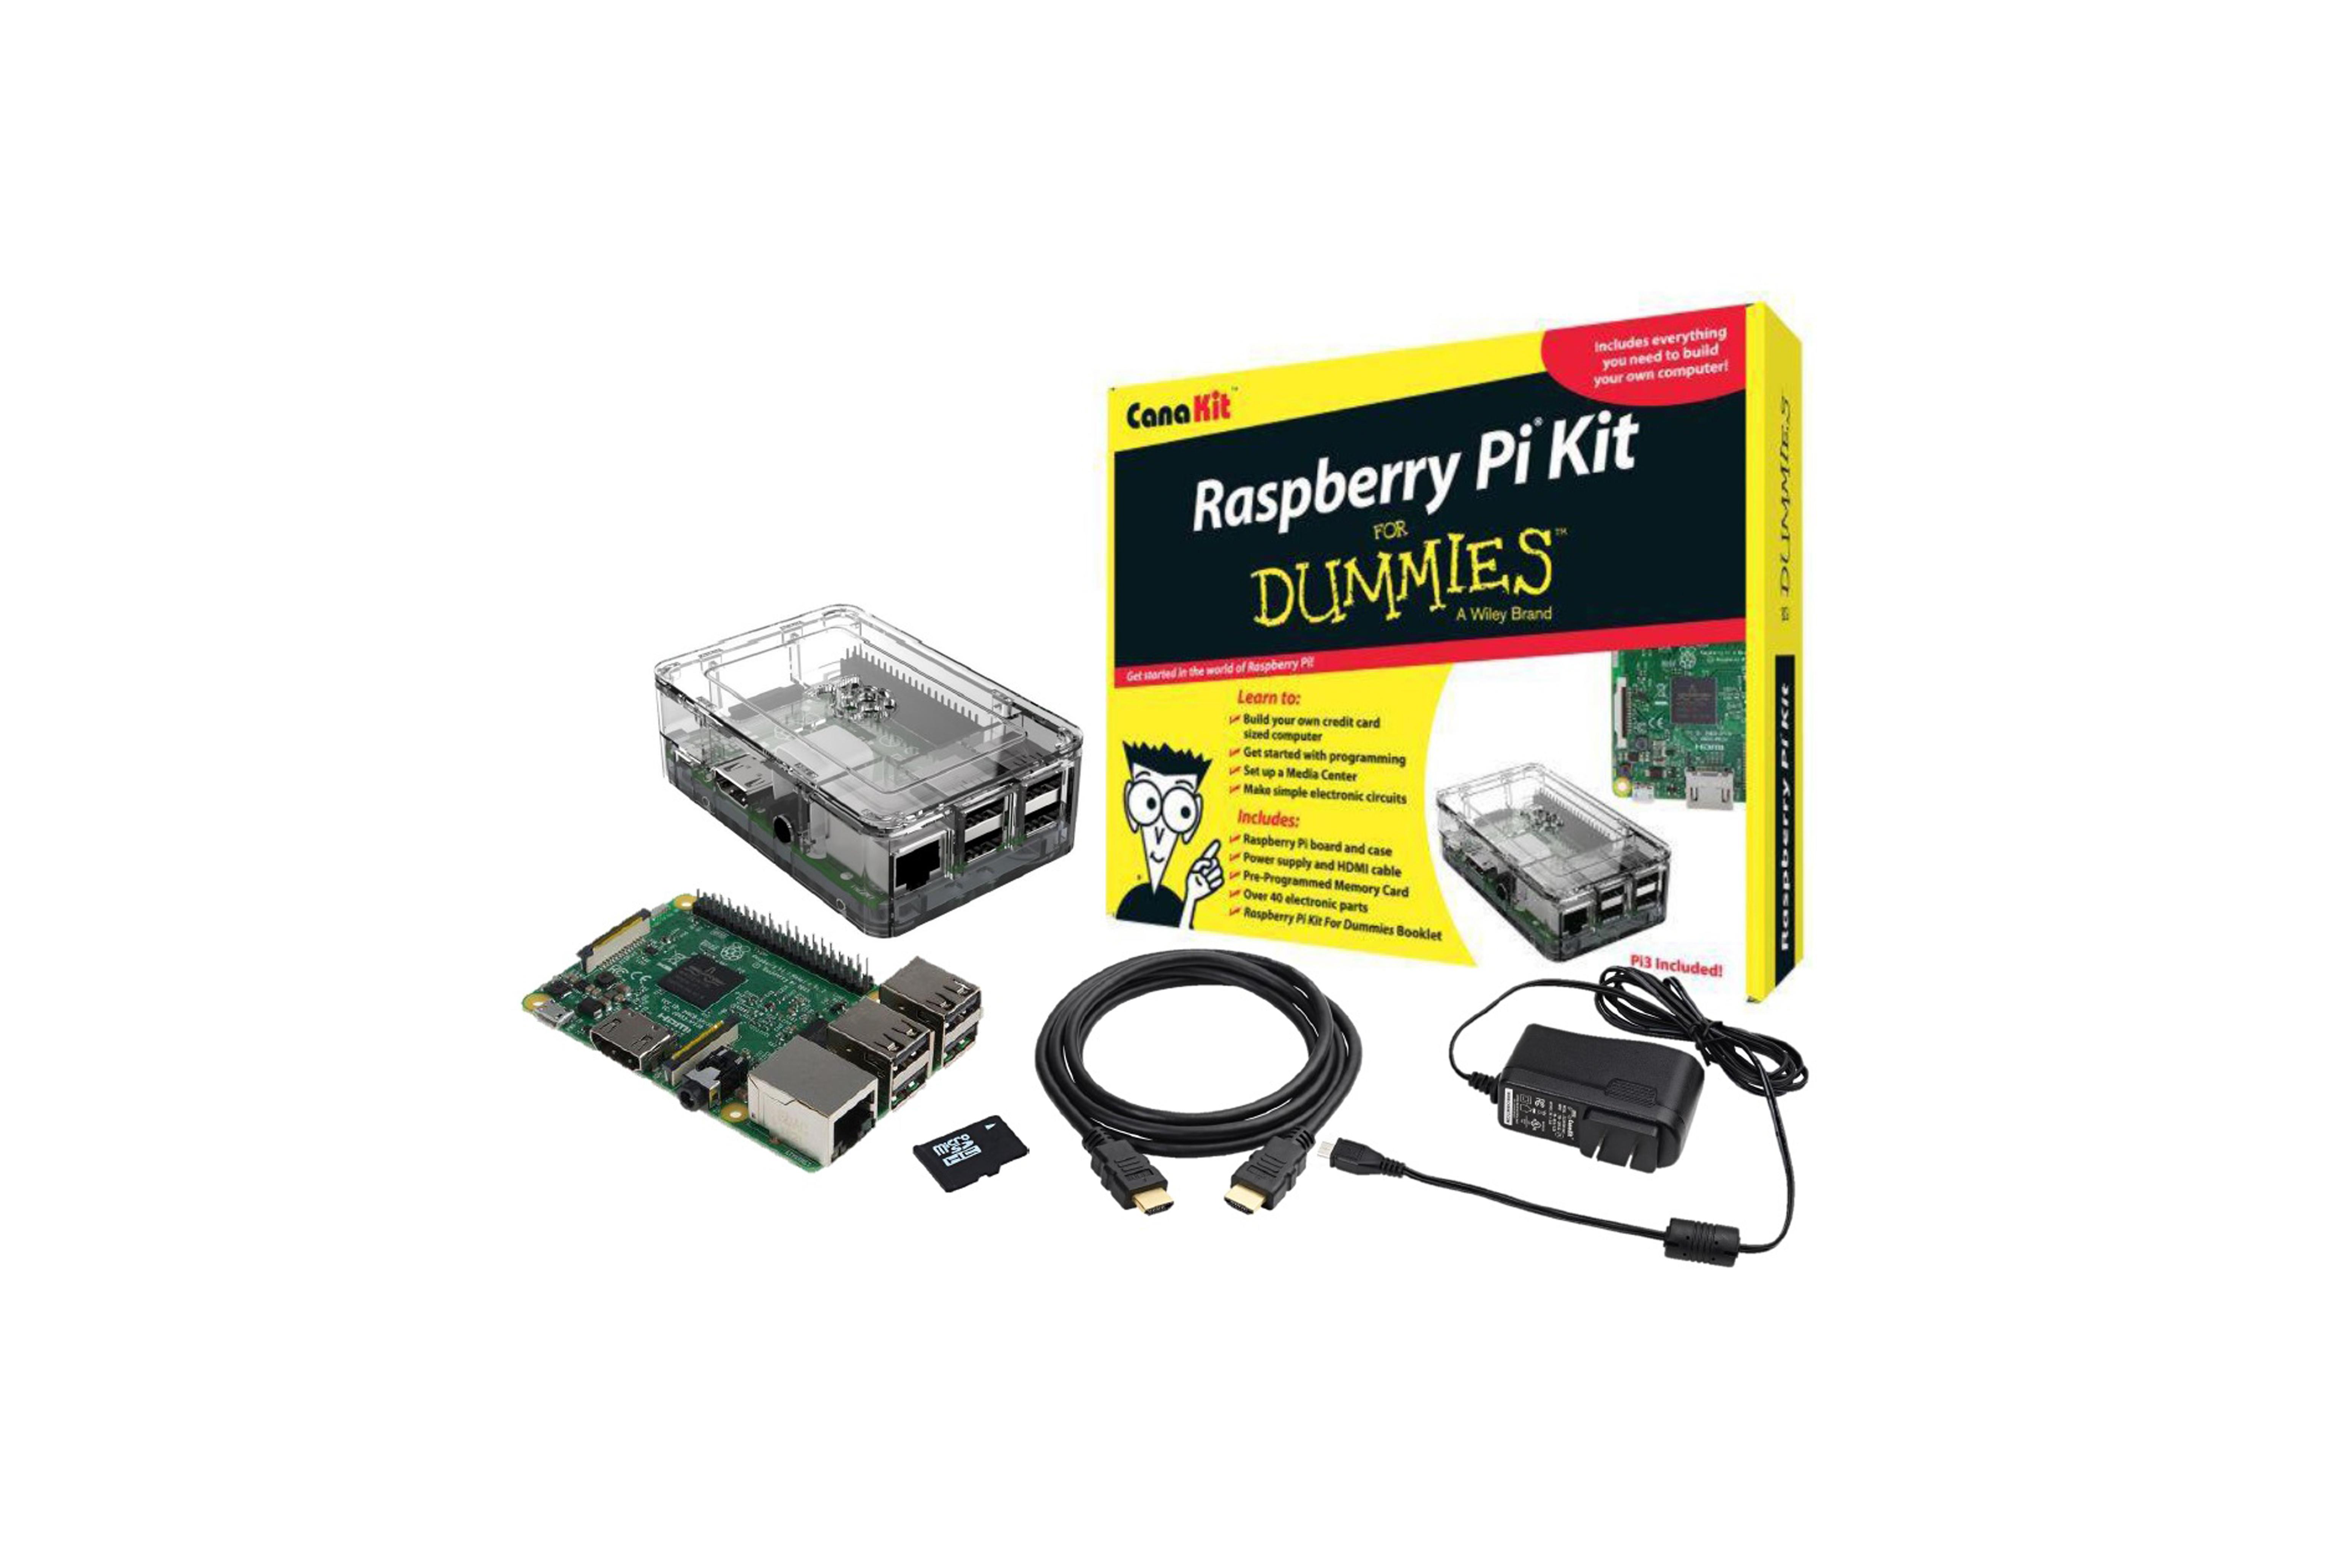 RaspberryPi-set voor dummies